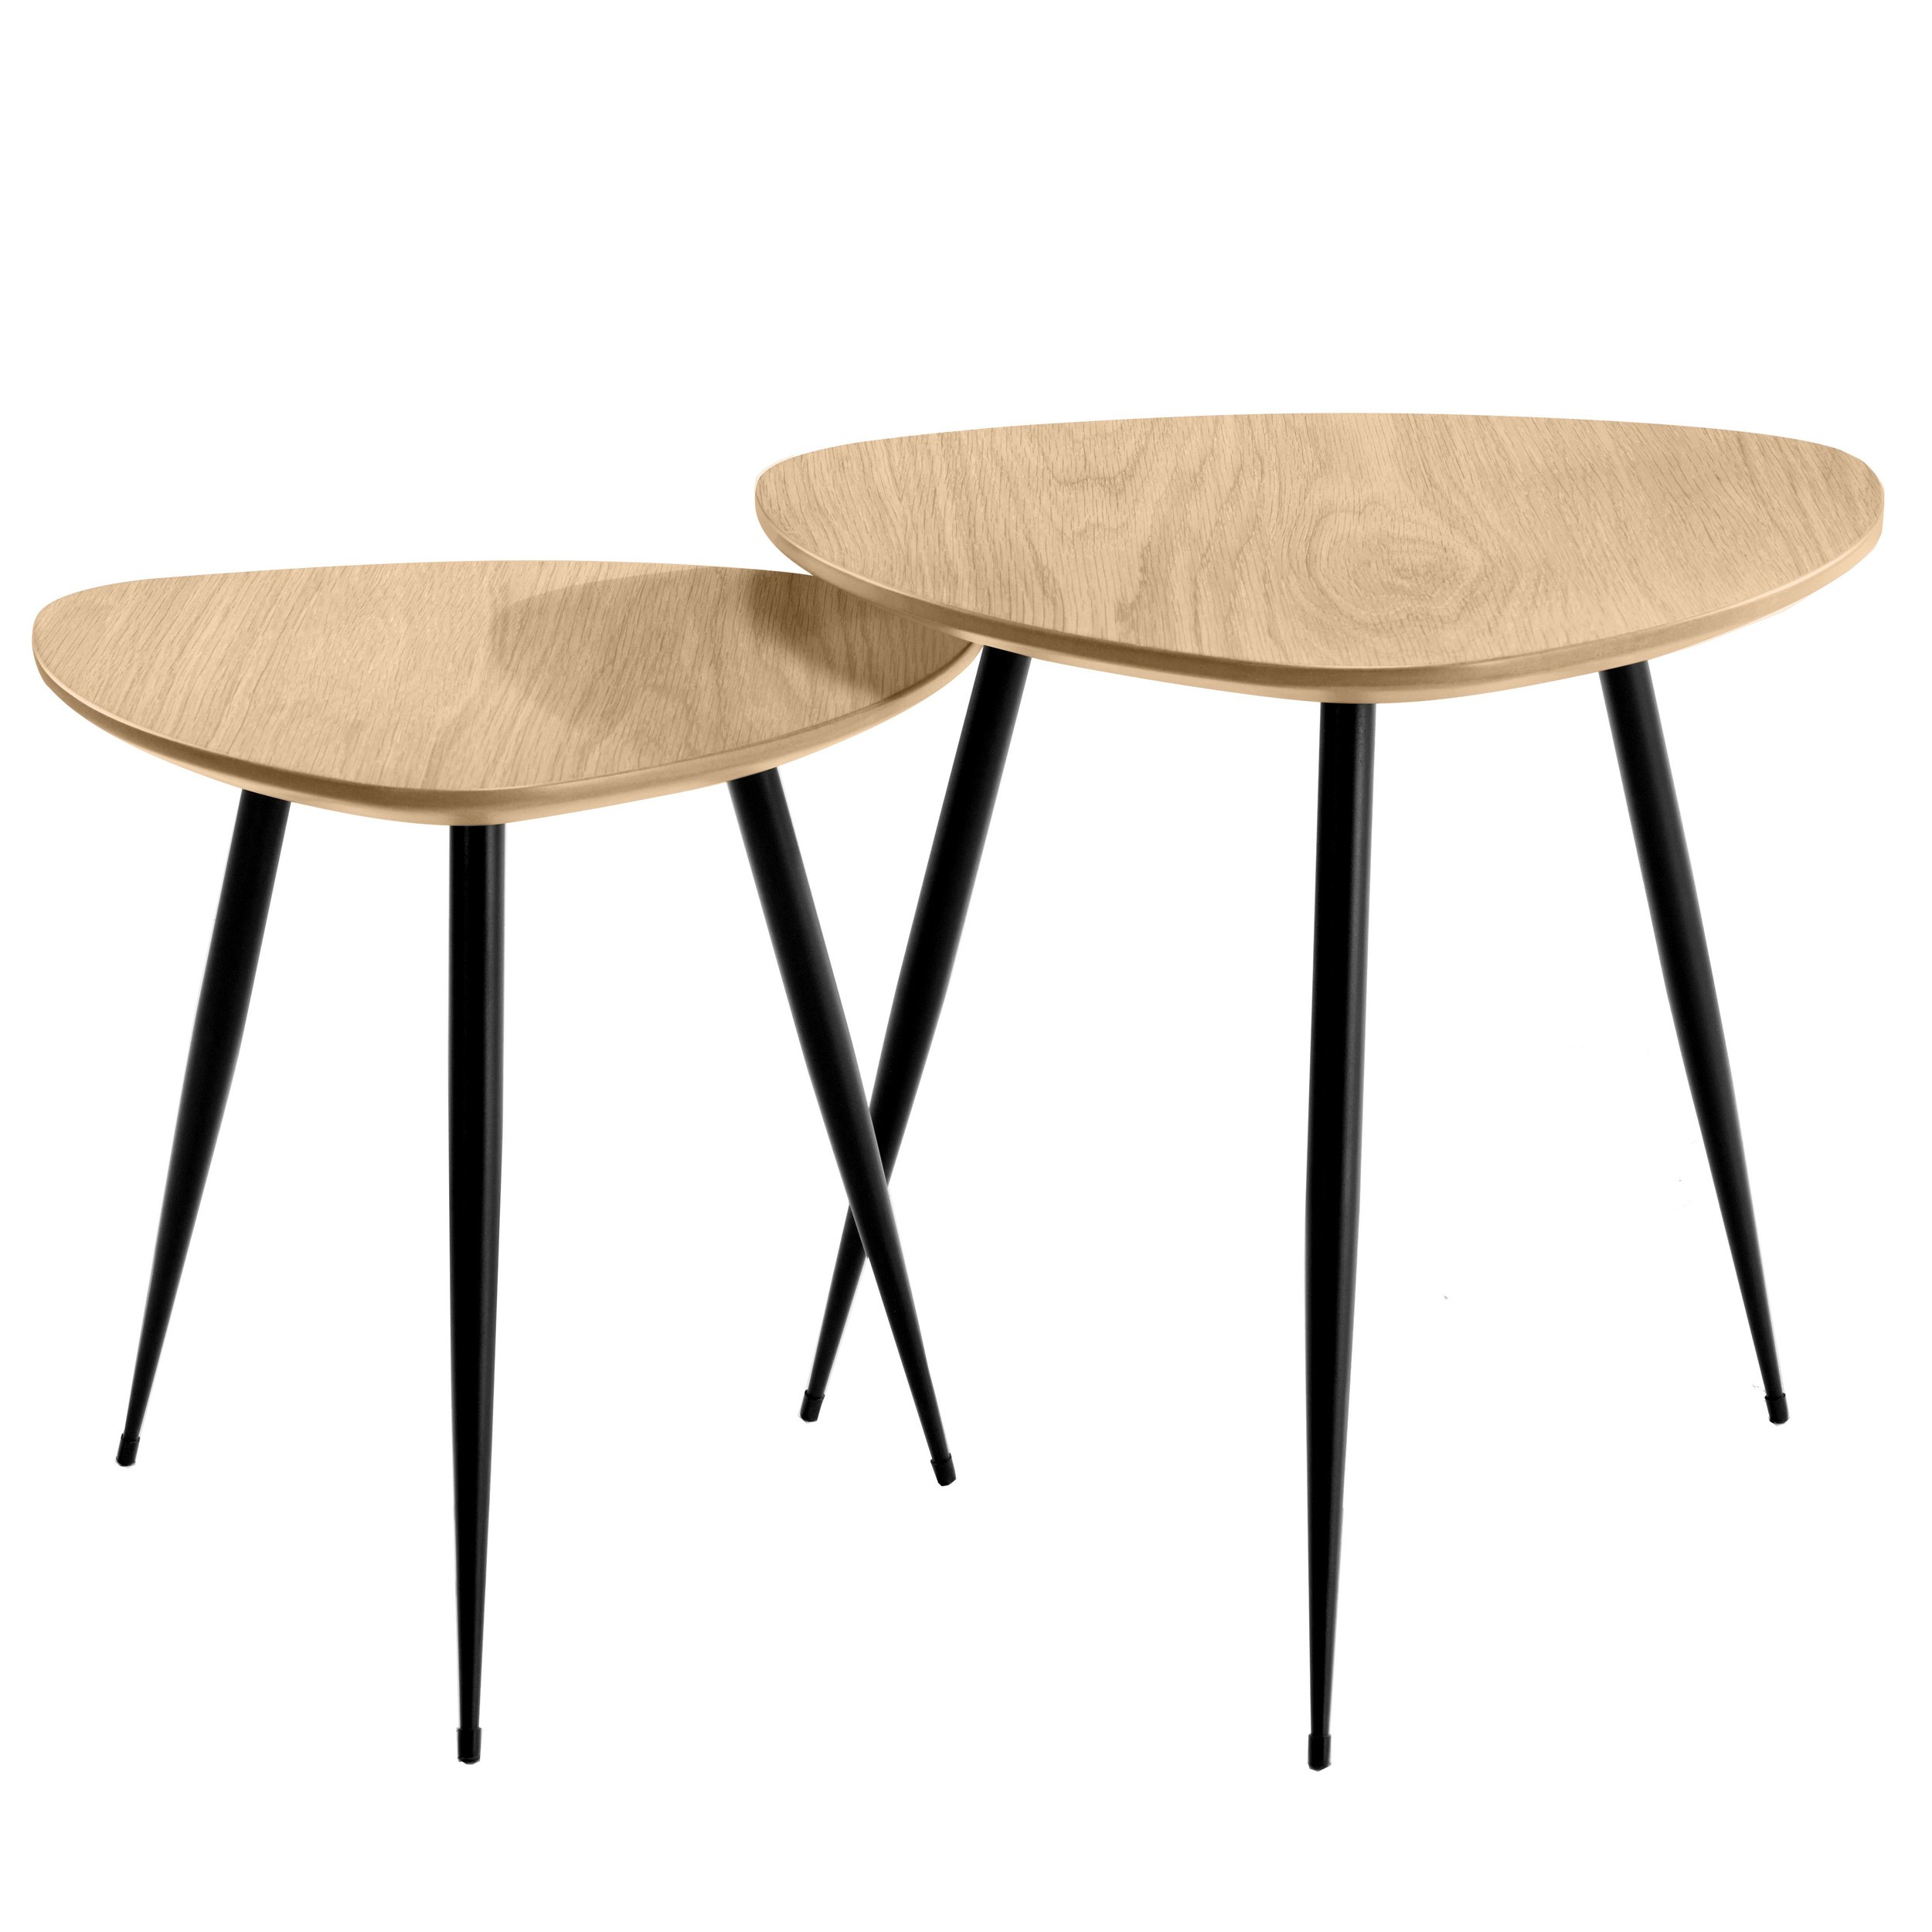 Tables Basses Scandinaves En Bois Clair Quercus Lot De 2